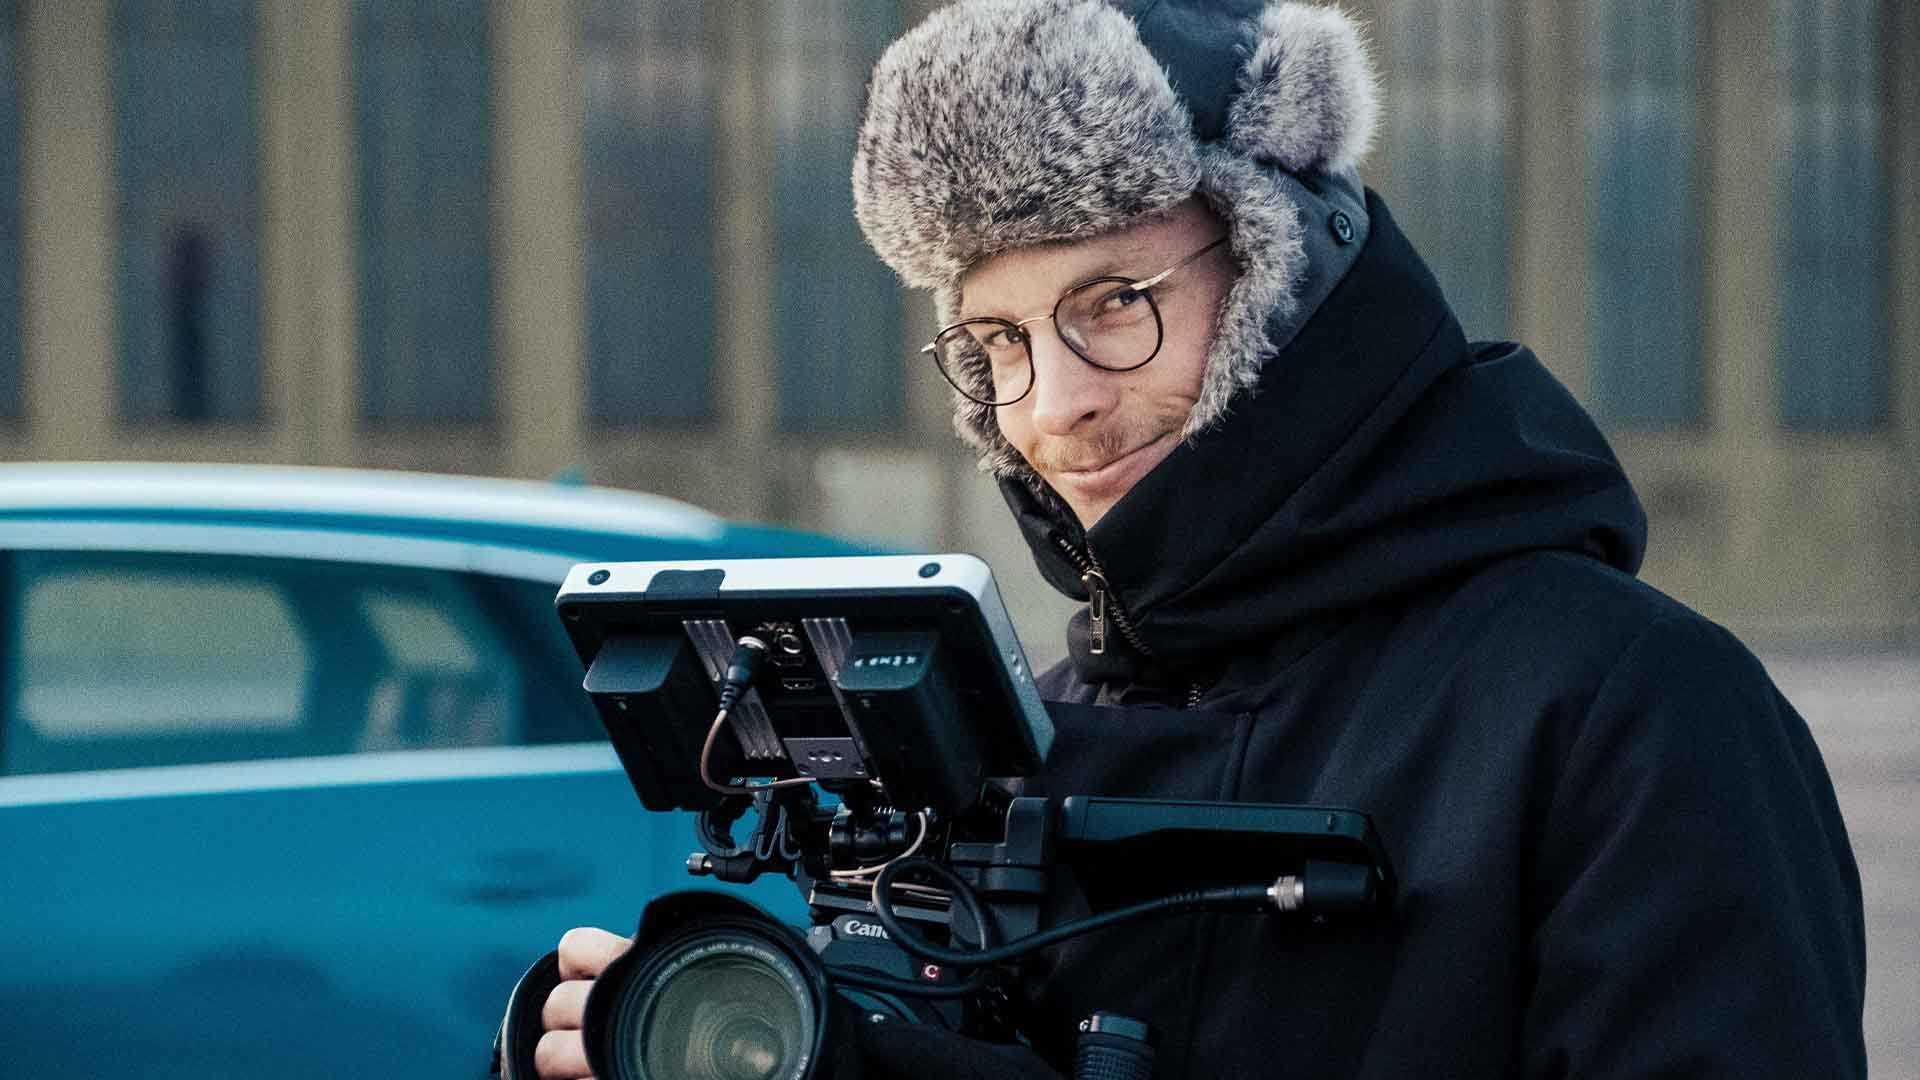 Das Bild zeigt einen Mann. Dieser Mann hält eine Kamera in den Händen. Der Mann trägt eine Brille und eine Mütze. Hinter ihm ist ein blaues Fahrzeug zu erkennen. Er lächelt. Das Bild dient als Sliderbild für den Portfolioeintrag Audi | Electrifying Berlinale von Panda Pictures.